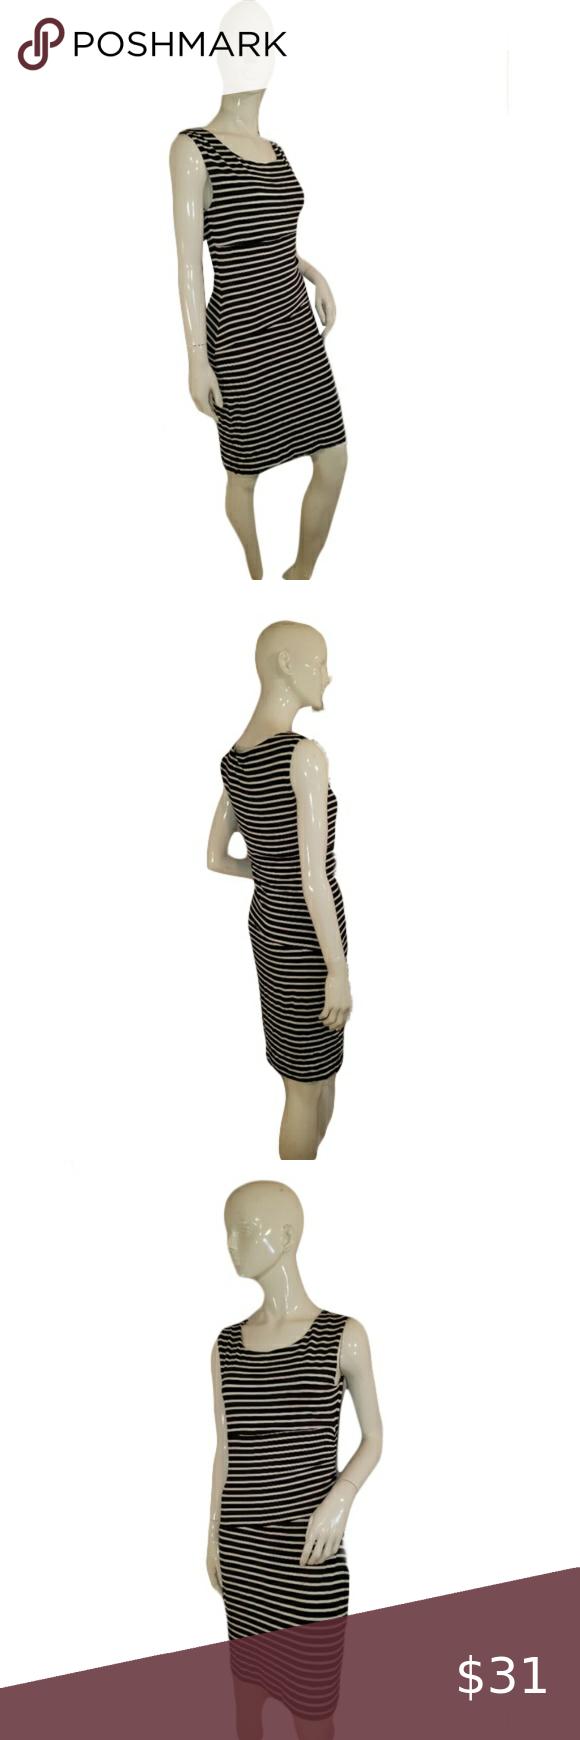 Vince Camuto Striped Dress Size S Sku 00 Striped Dress Vince Camuto Casual Stripes [ 1740 x 580 Pixel ]